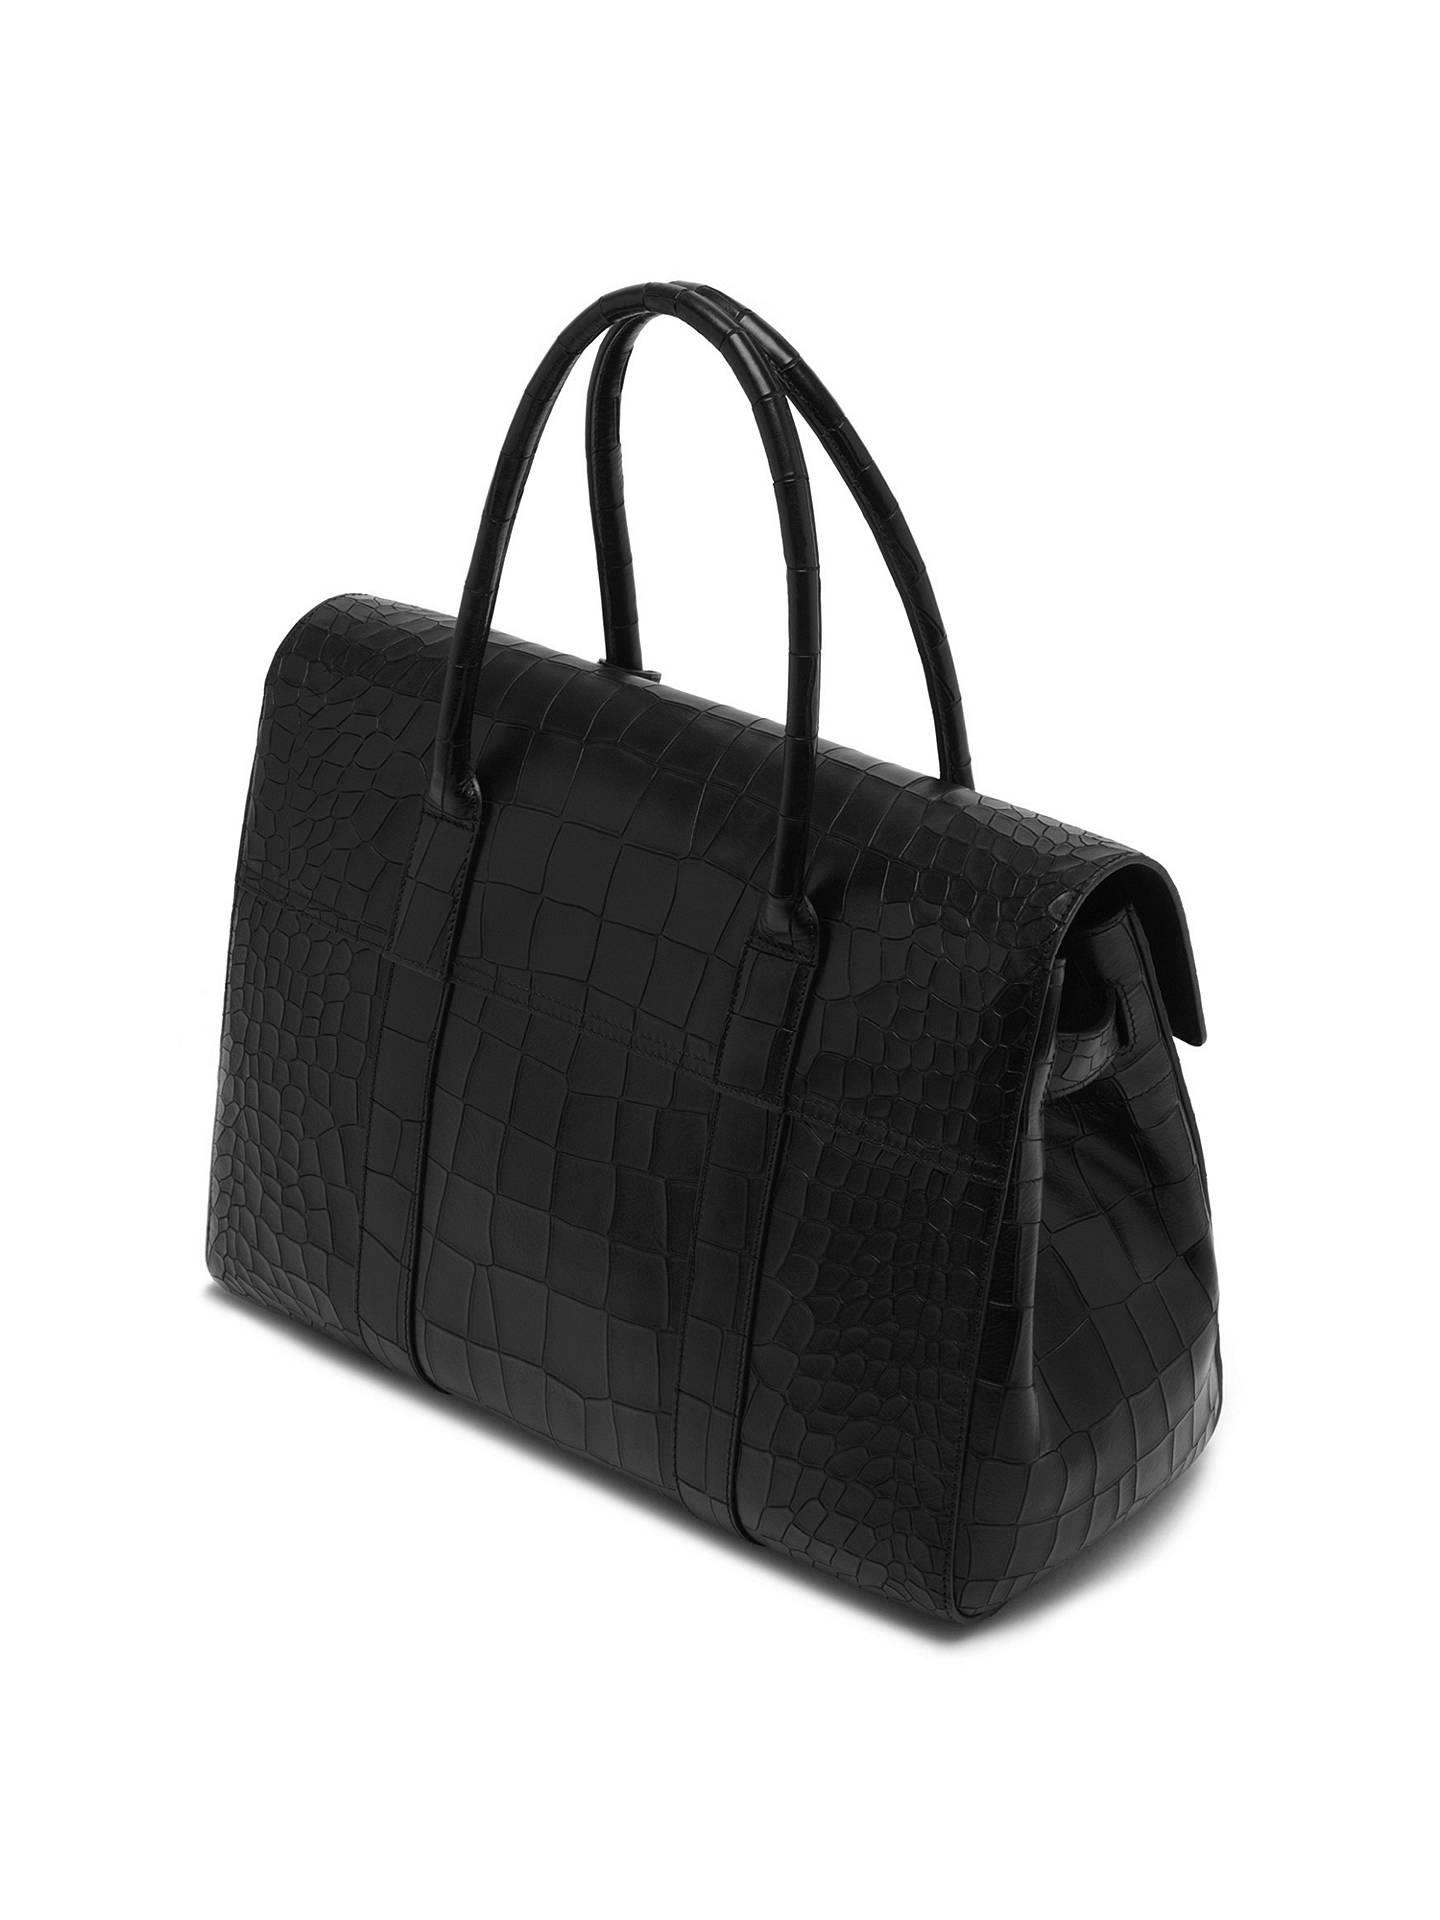 ... handbag croc choc mulberry bayswater 1a653 9053c  czech buymulberry bayswater  leather croc print bag black online at johnlewis 7bce5 ac860 9cc6d821d6154